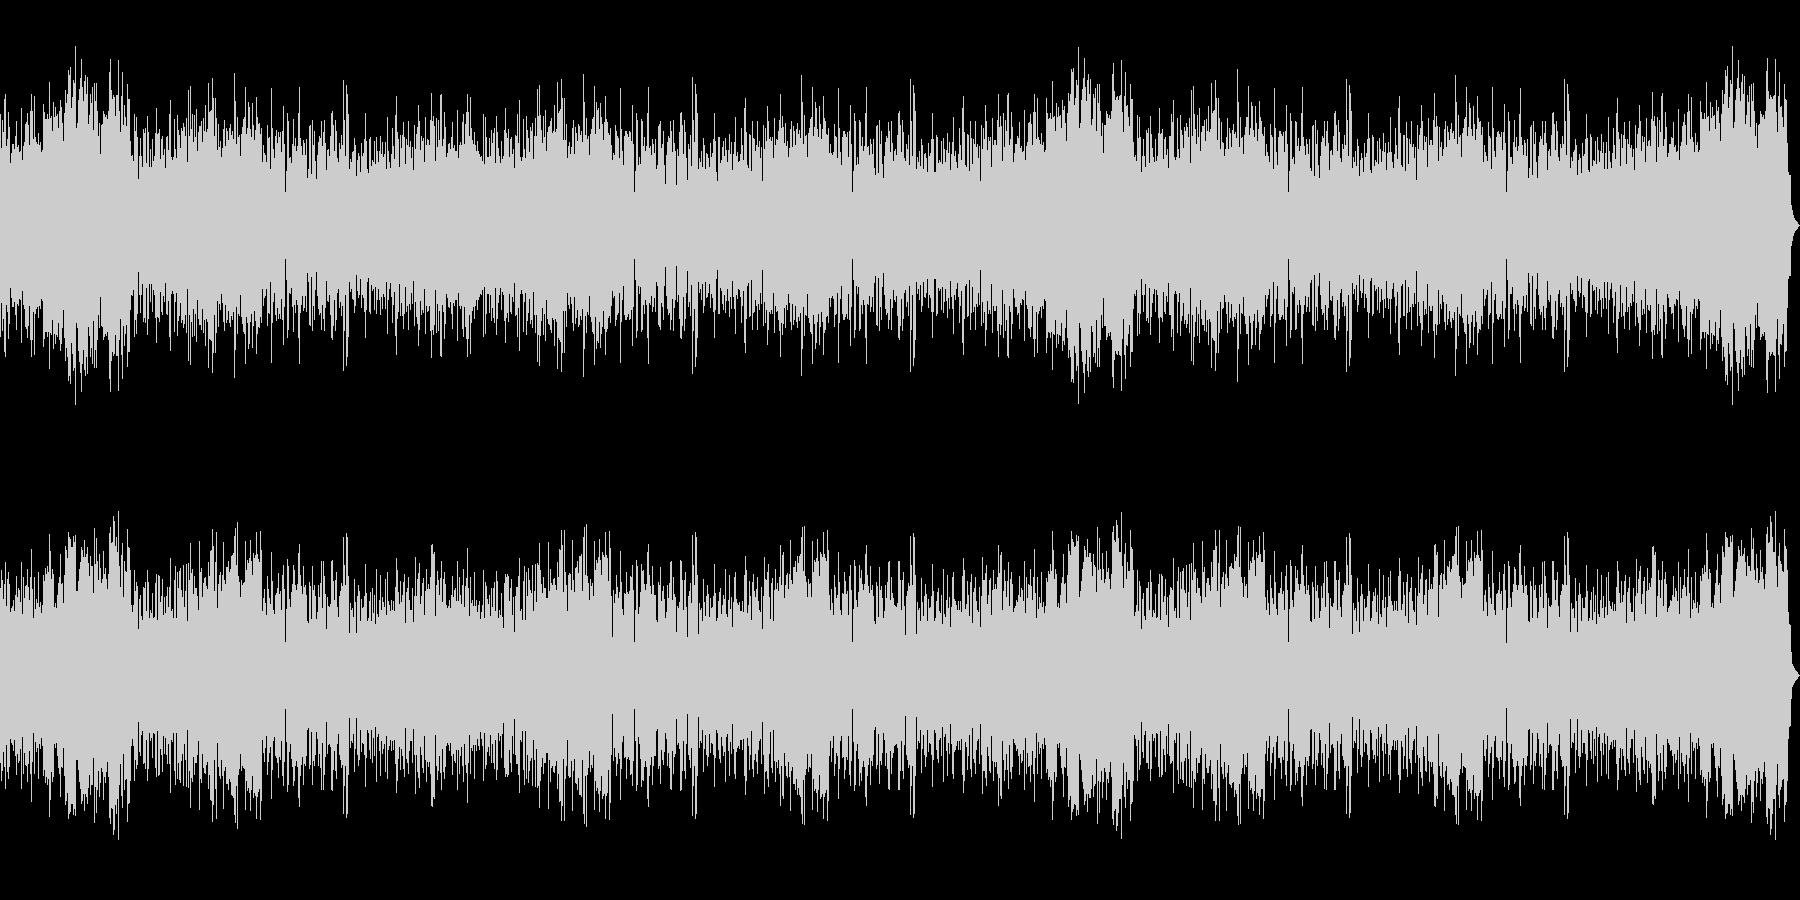 ダーク、ホラーな背景 ドラム入りBGMの未再生の波形